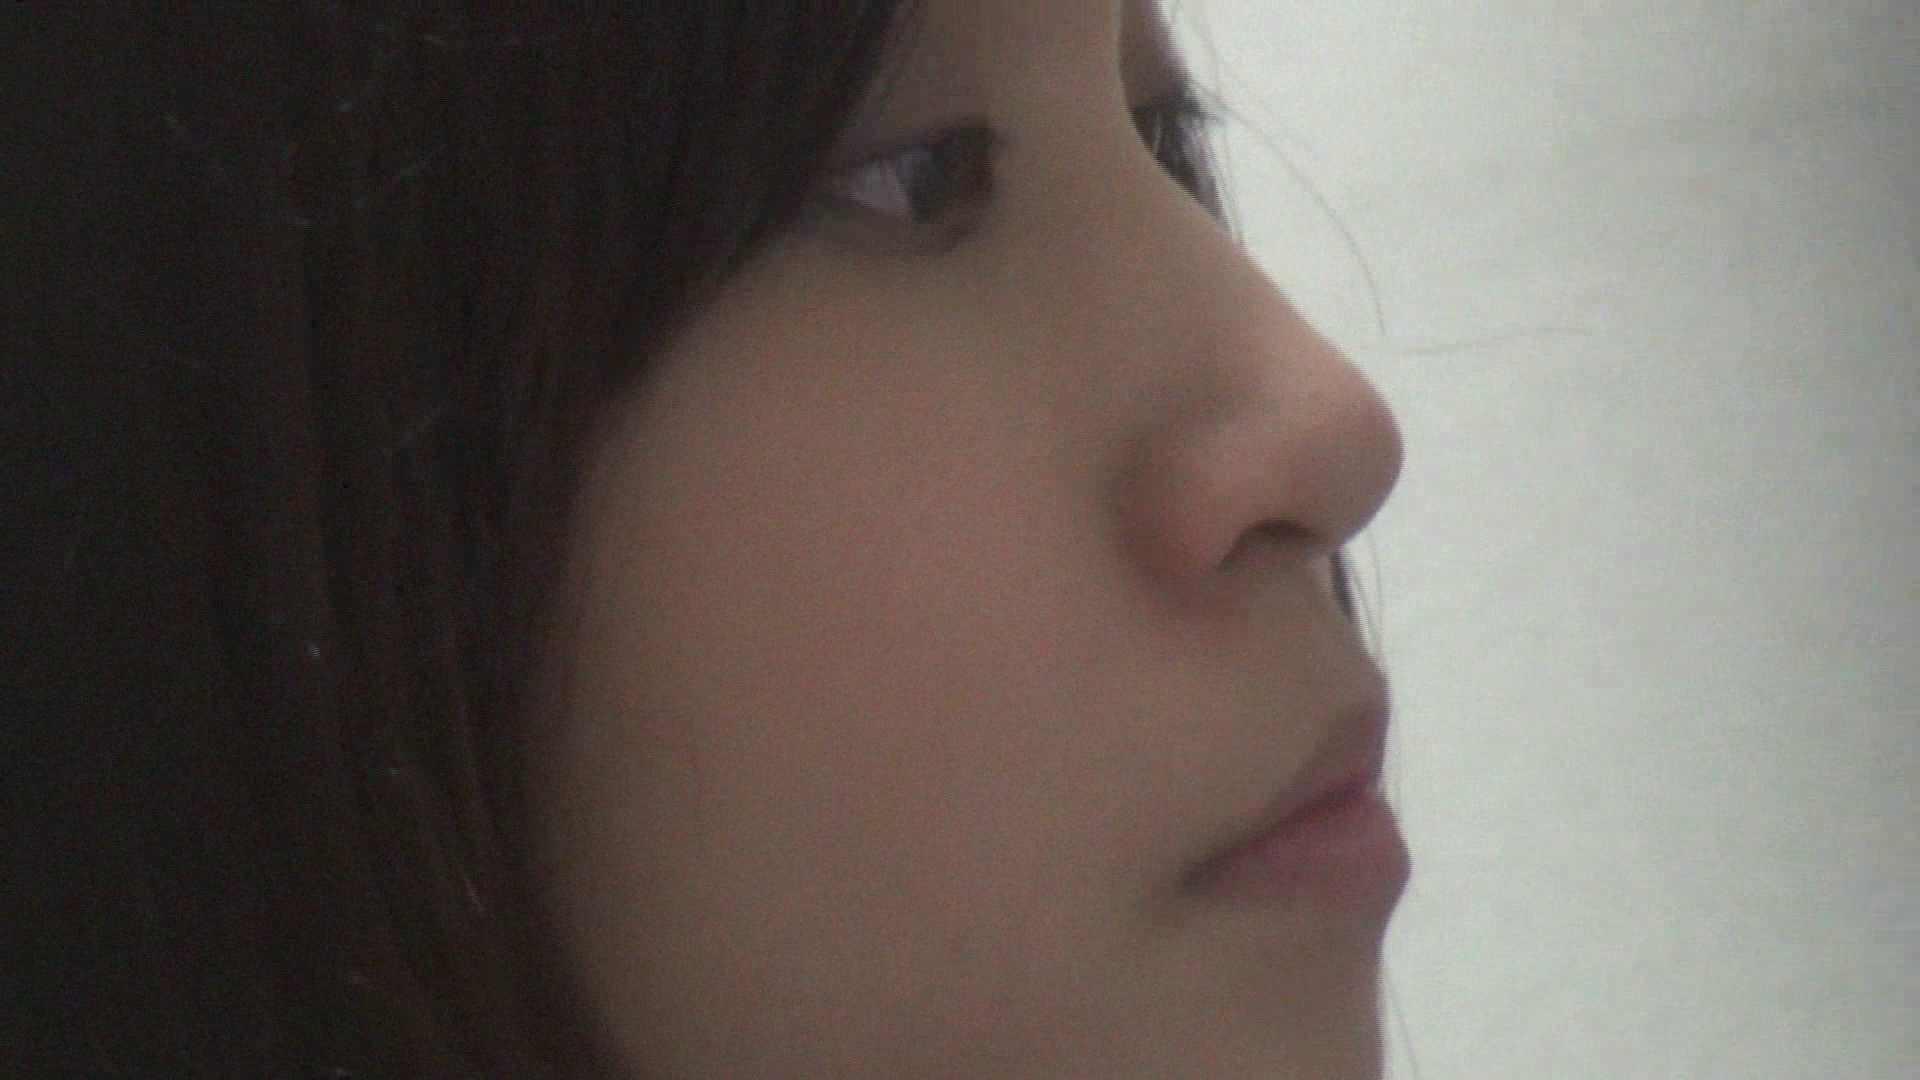 【05】仕事が忙しくて・・・久しぶりにベランダで待ち伏せ マンコ特集 | 盗撮エロすぎ  84連発 78